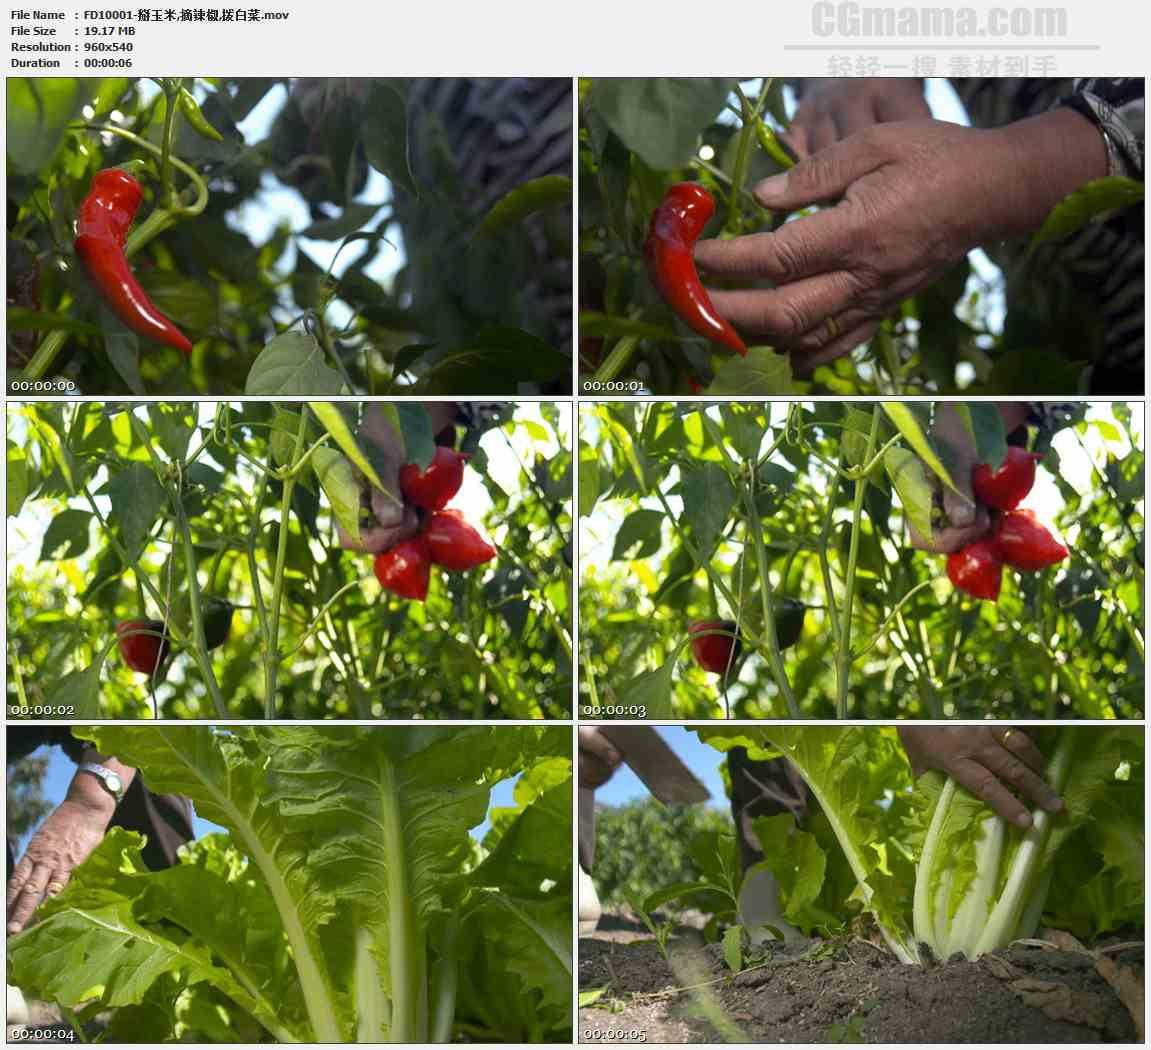 FD10001-掰玉米摘辣椒拨白菜农作高清实拍视频素材